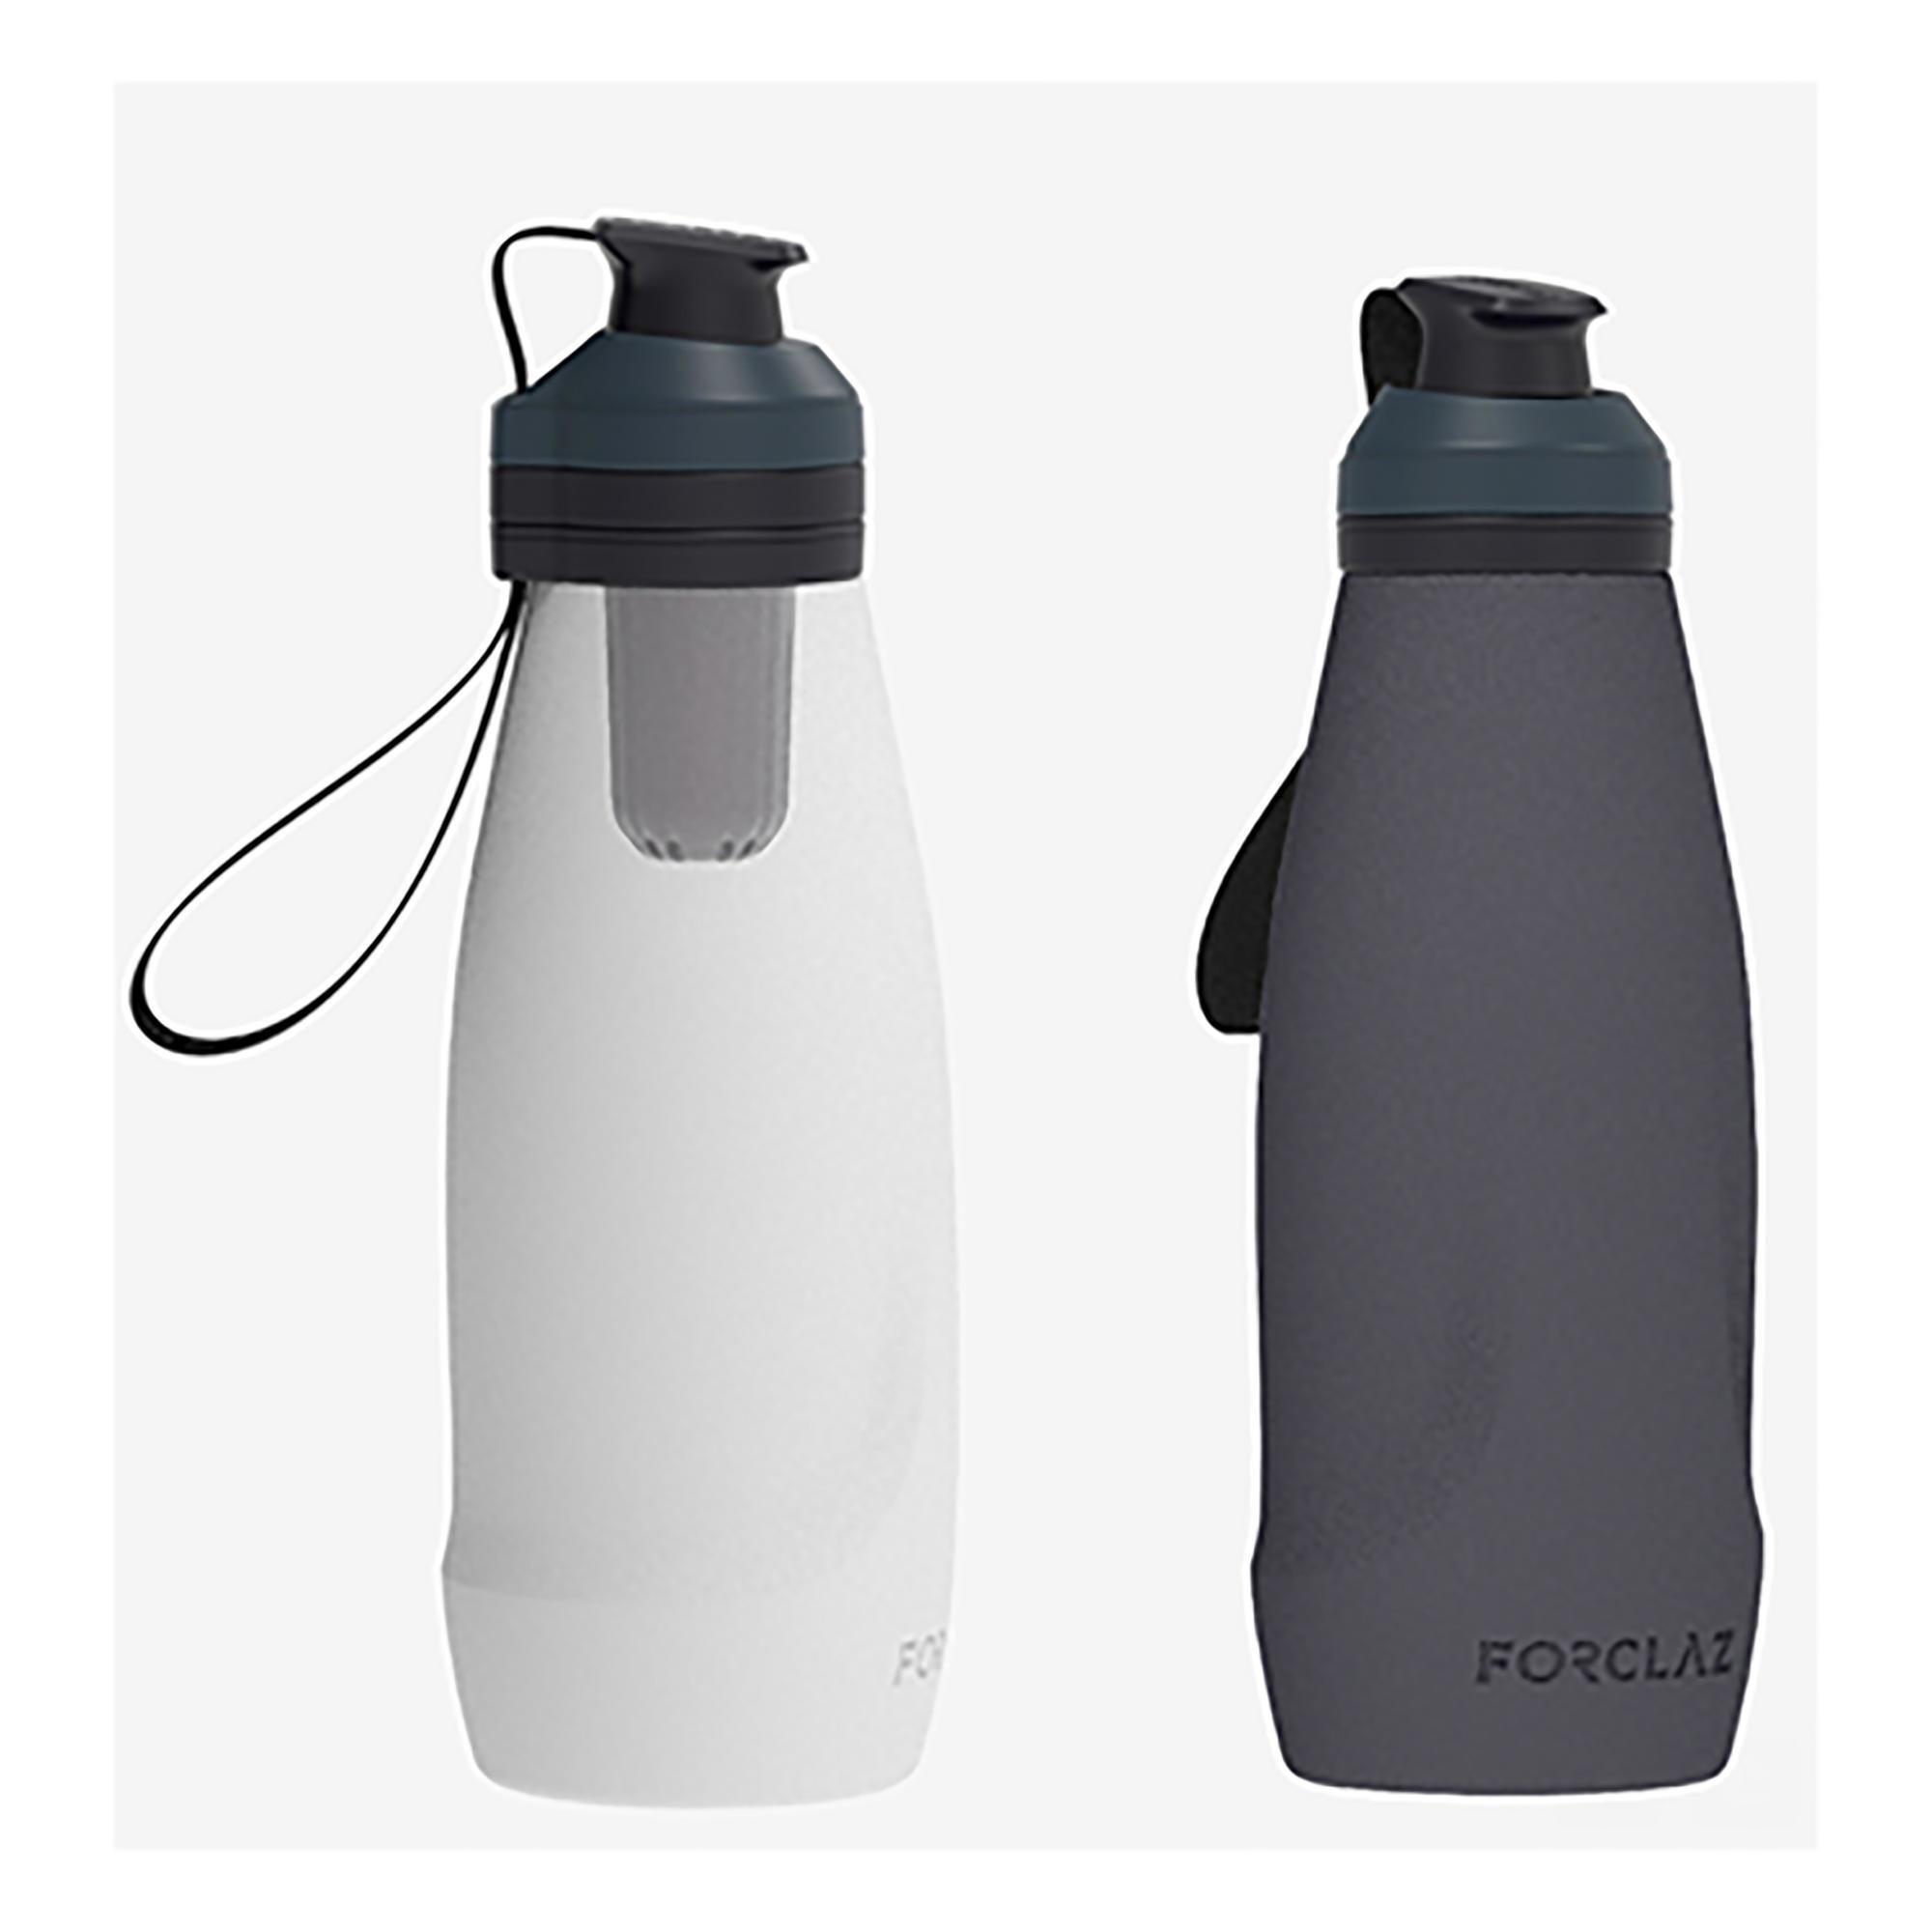 Giardia water bottle. Aquamira 2-Bag Water Filtration Kit | Lamnia